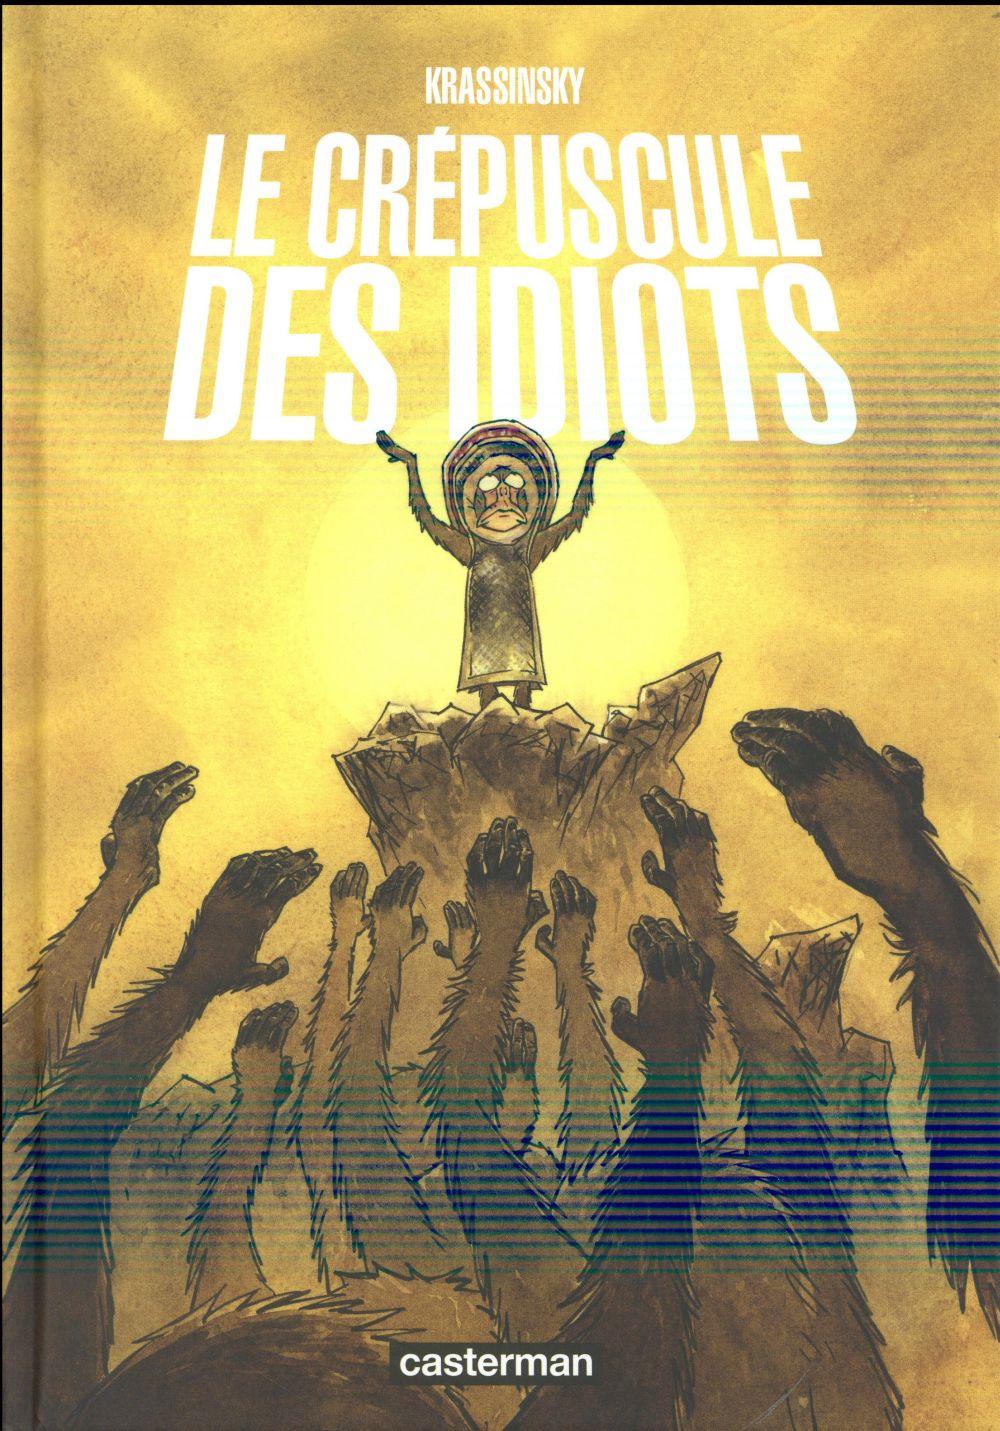 LE CREPUSCULE DES IDIOTS